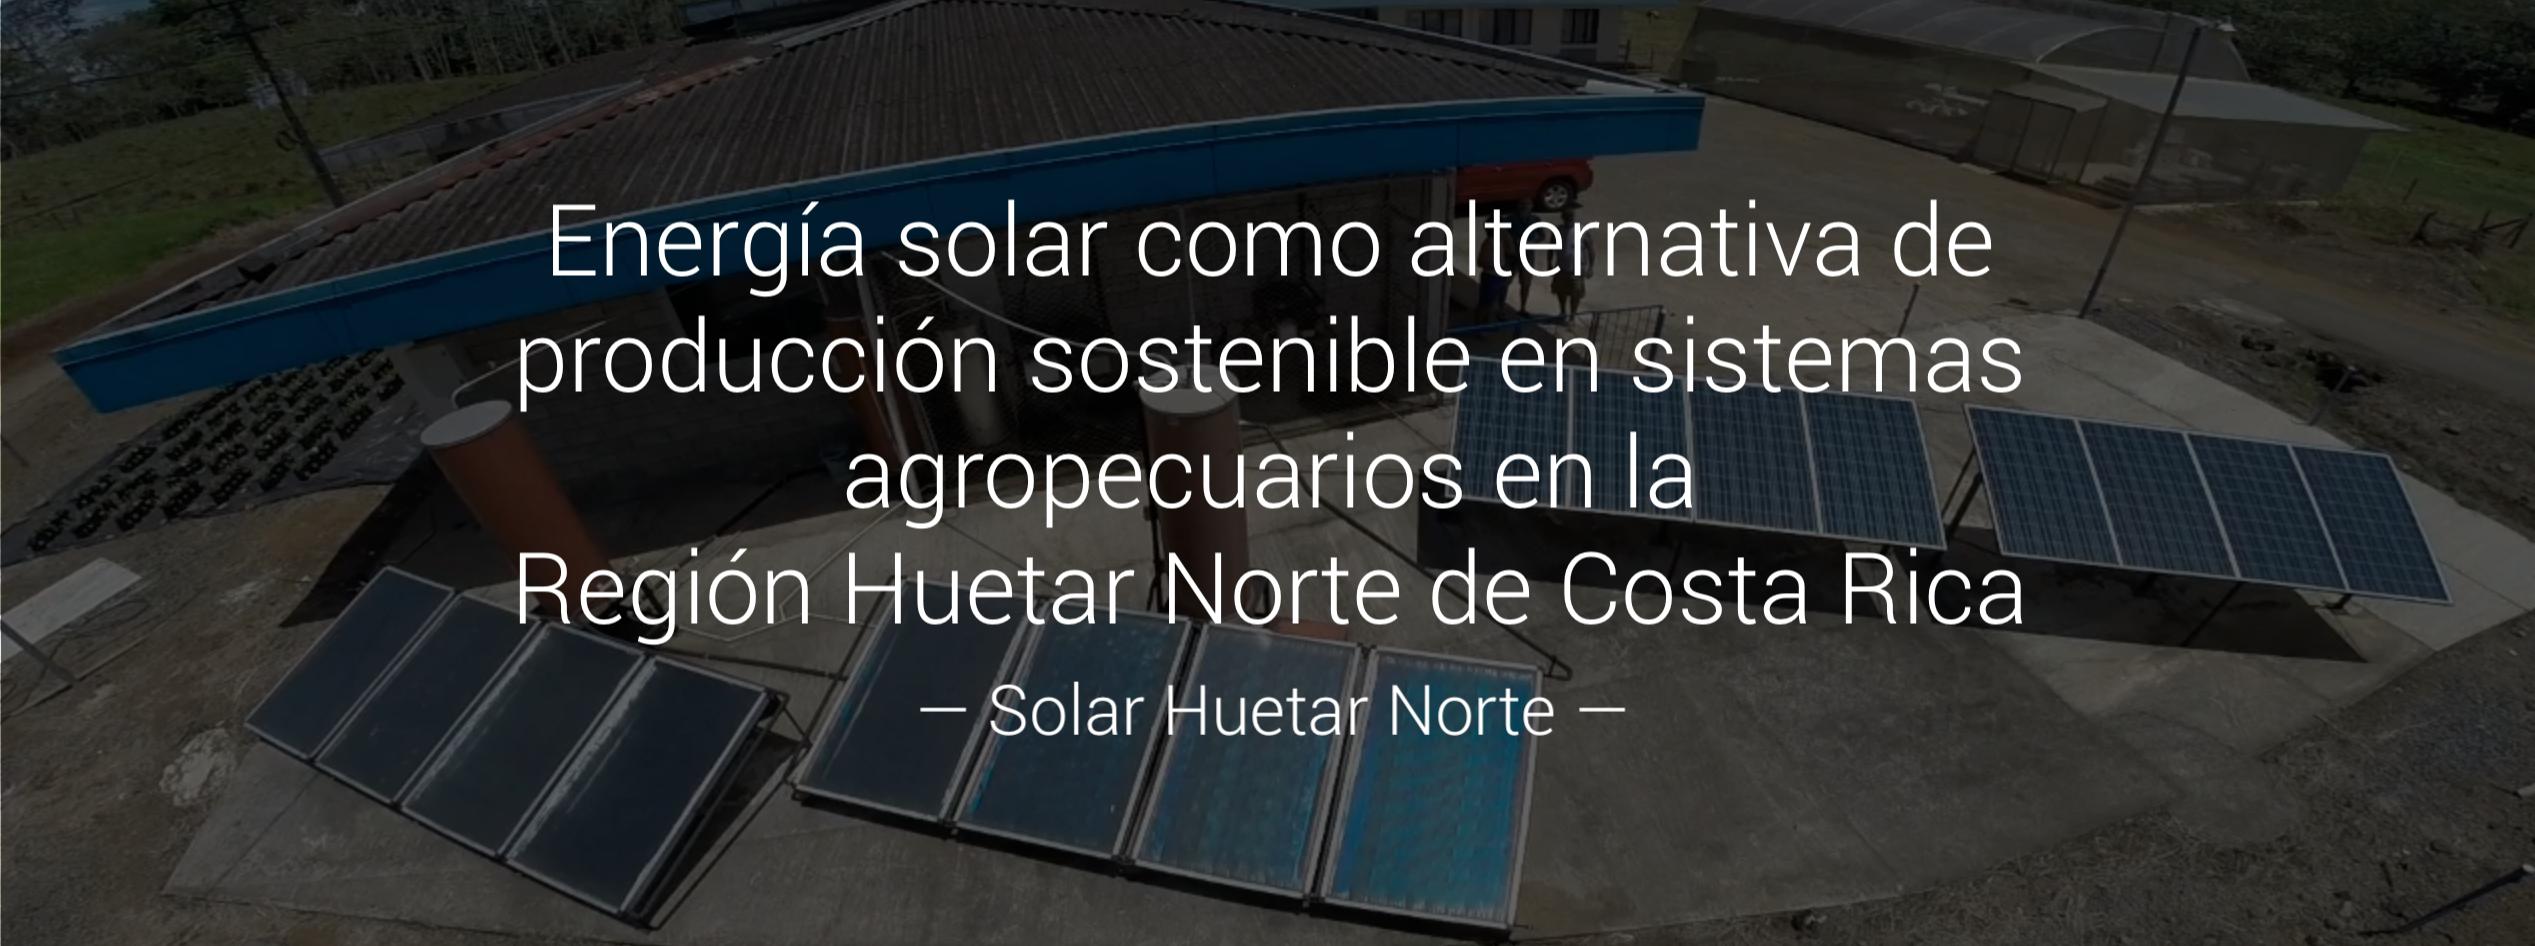 paneles solares instaladas en el campus tecnológico local san carlos